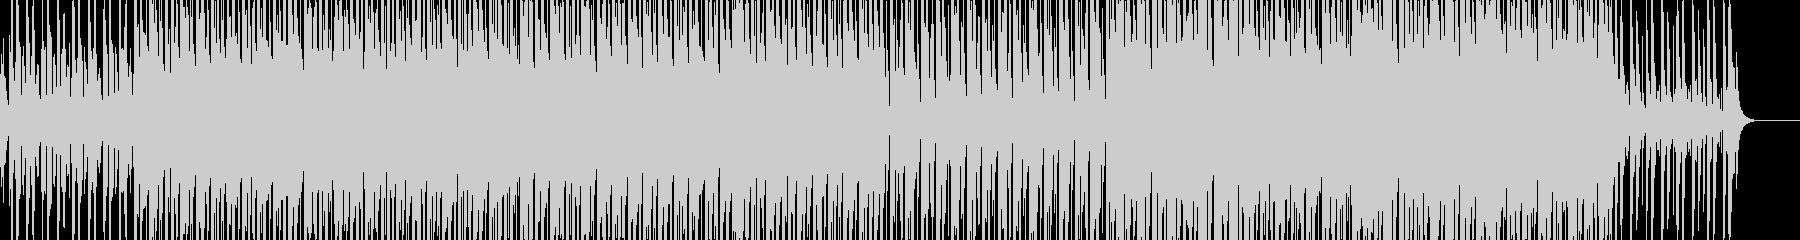 情熱的ラテン/スパニッシュ系Dance曲の未再生の波形